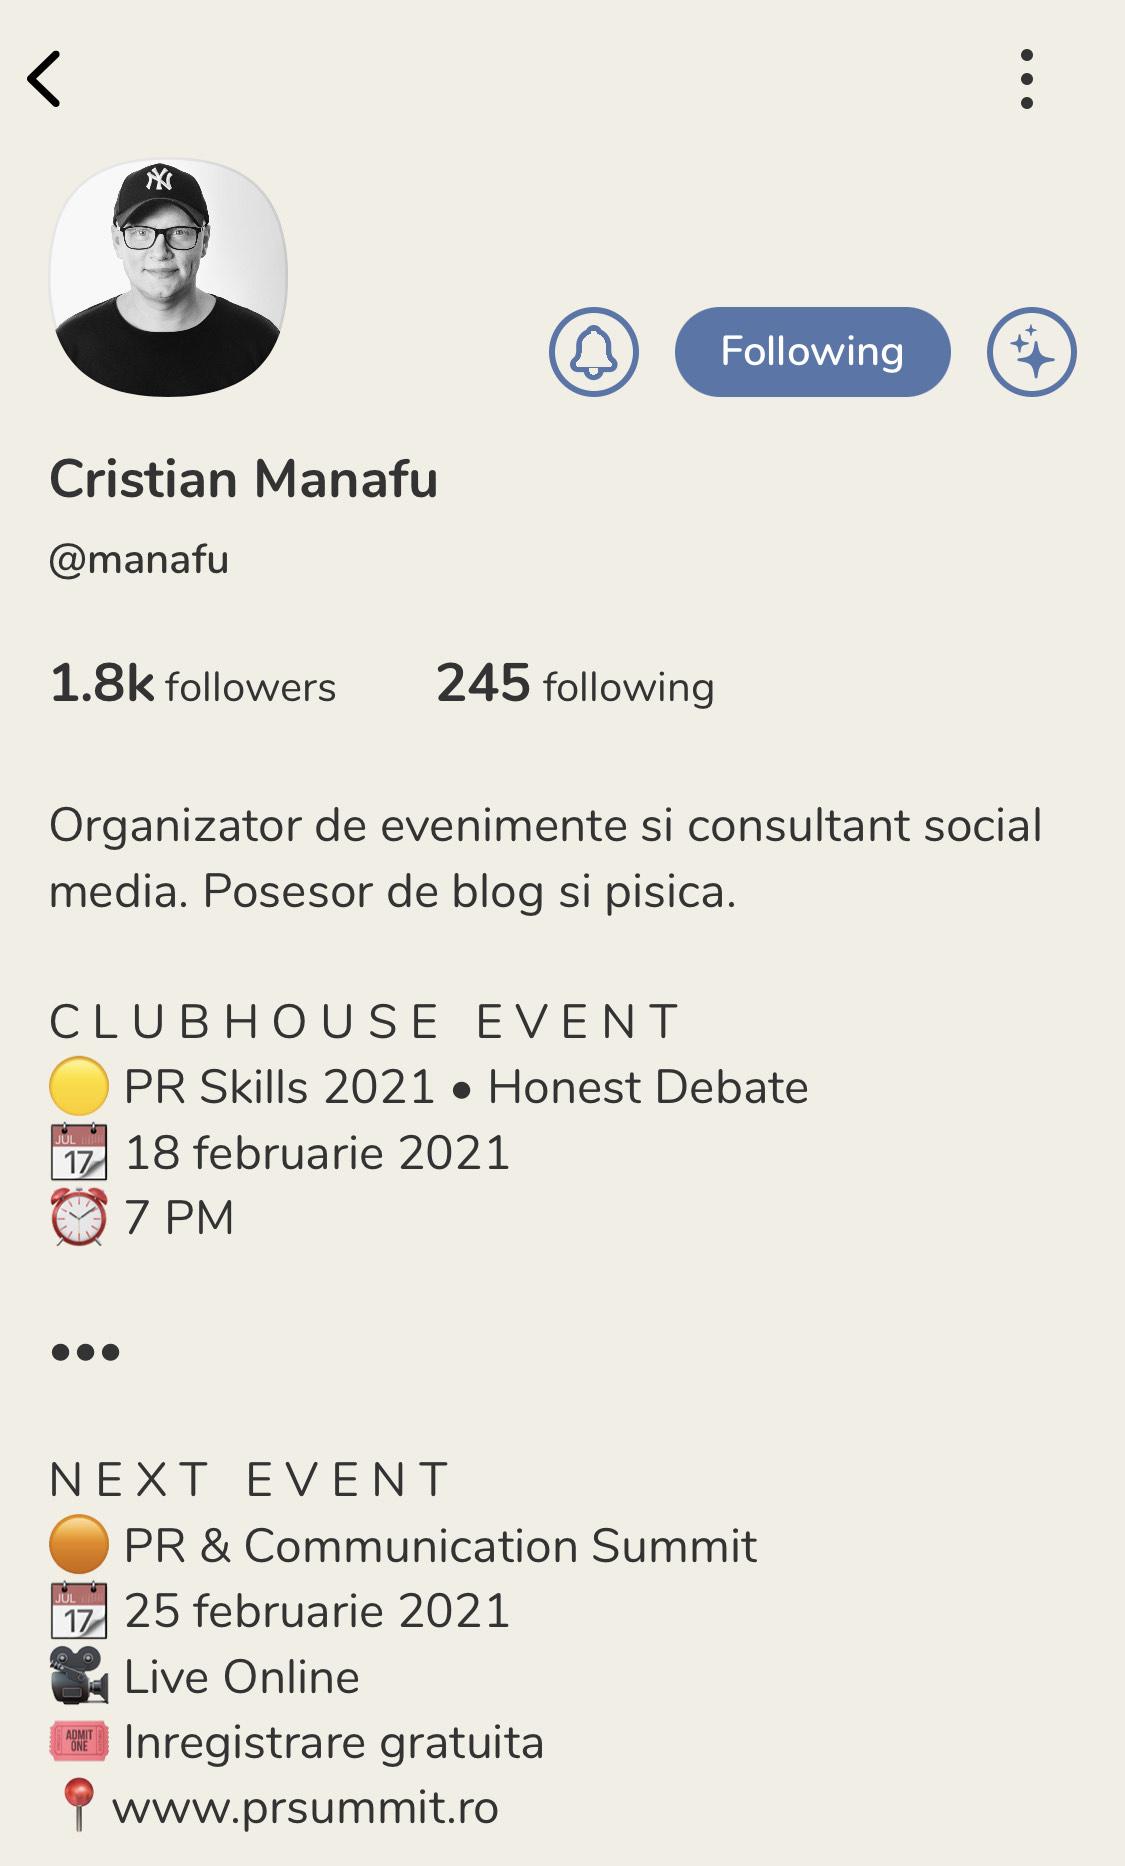 Cristian Manafu